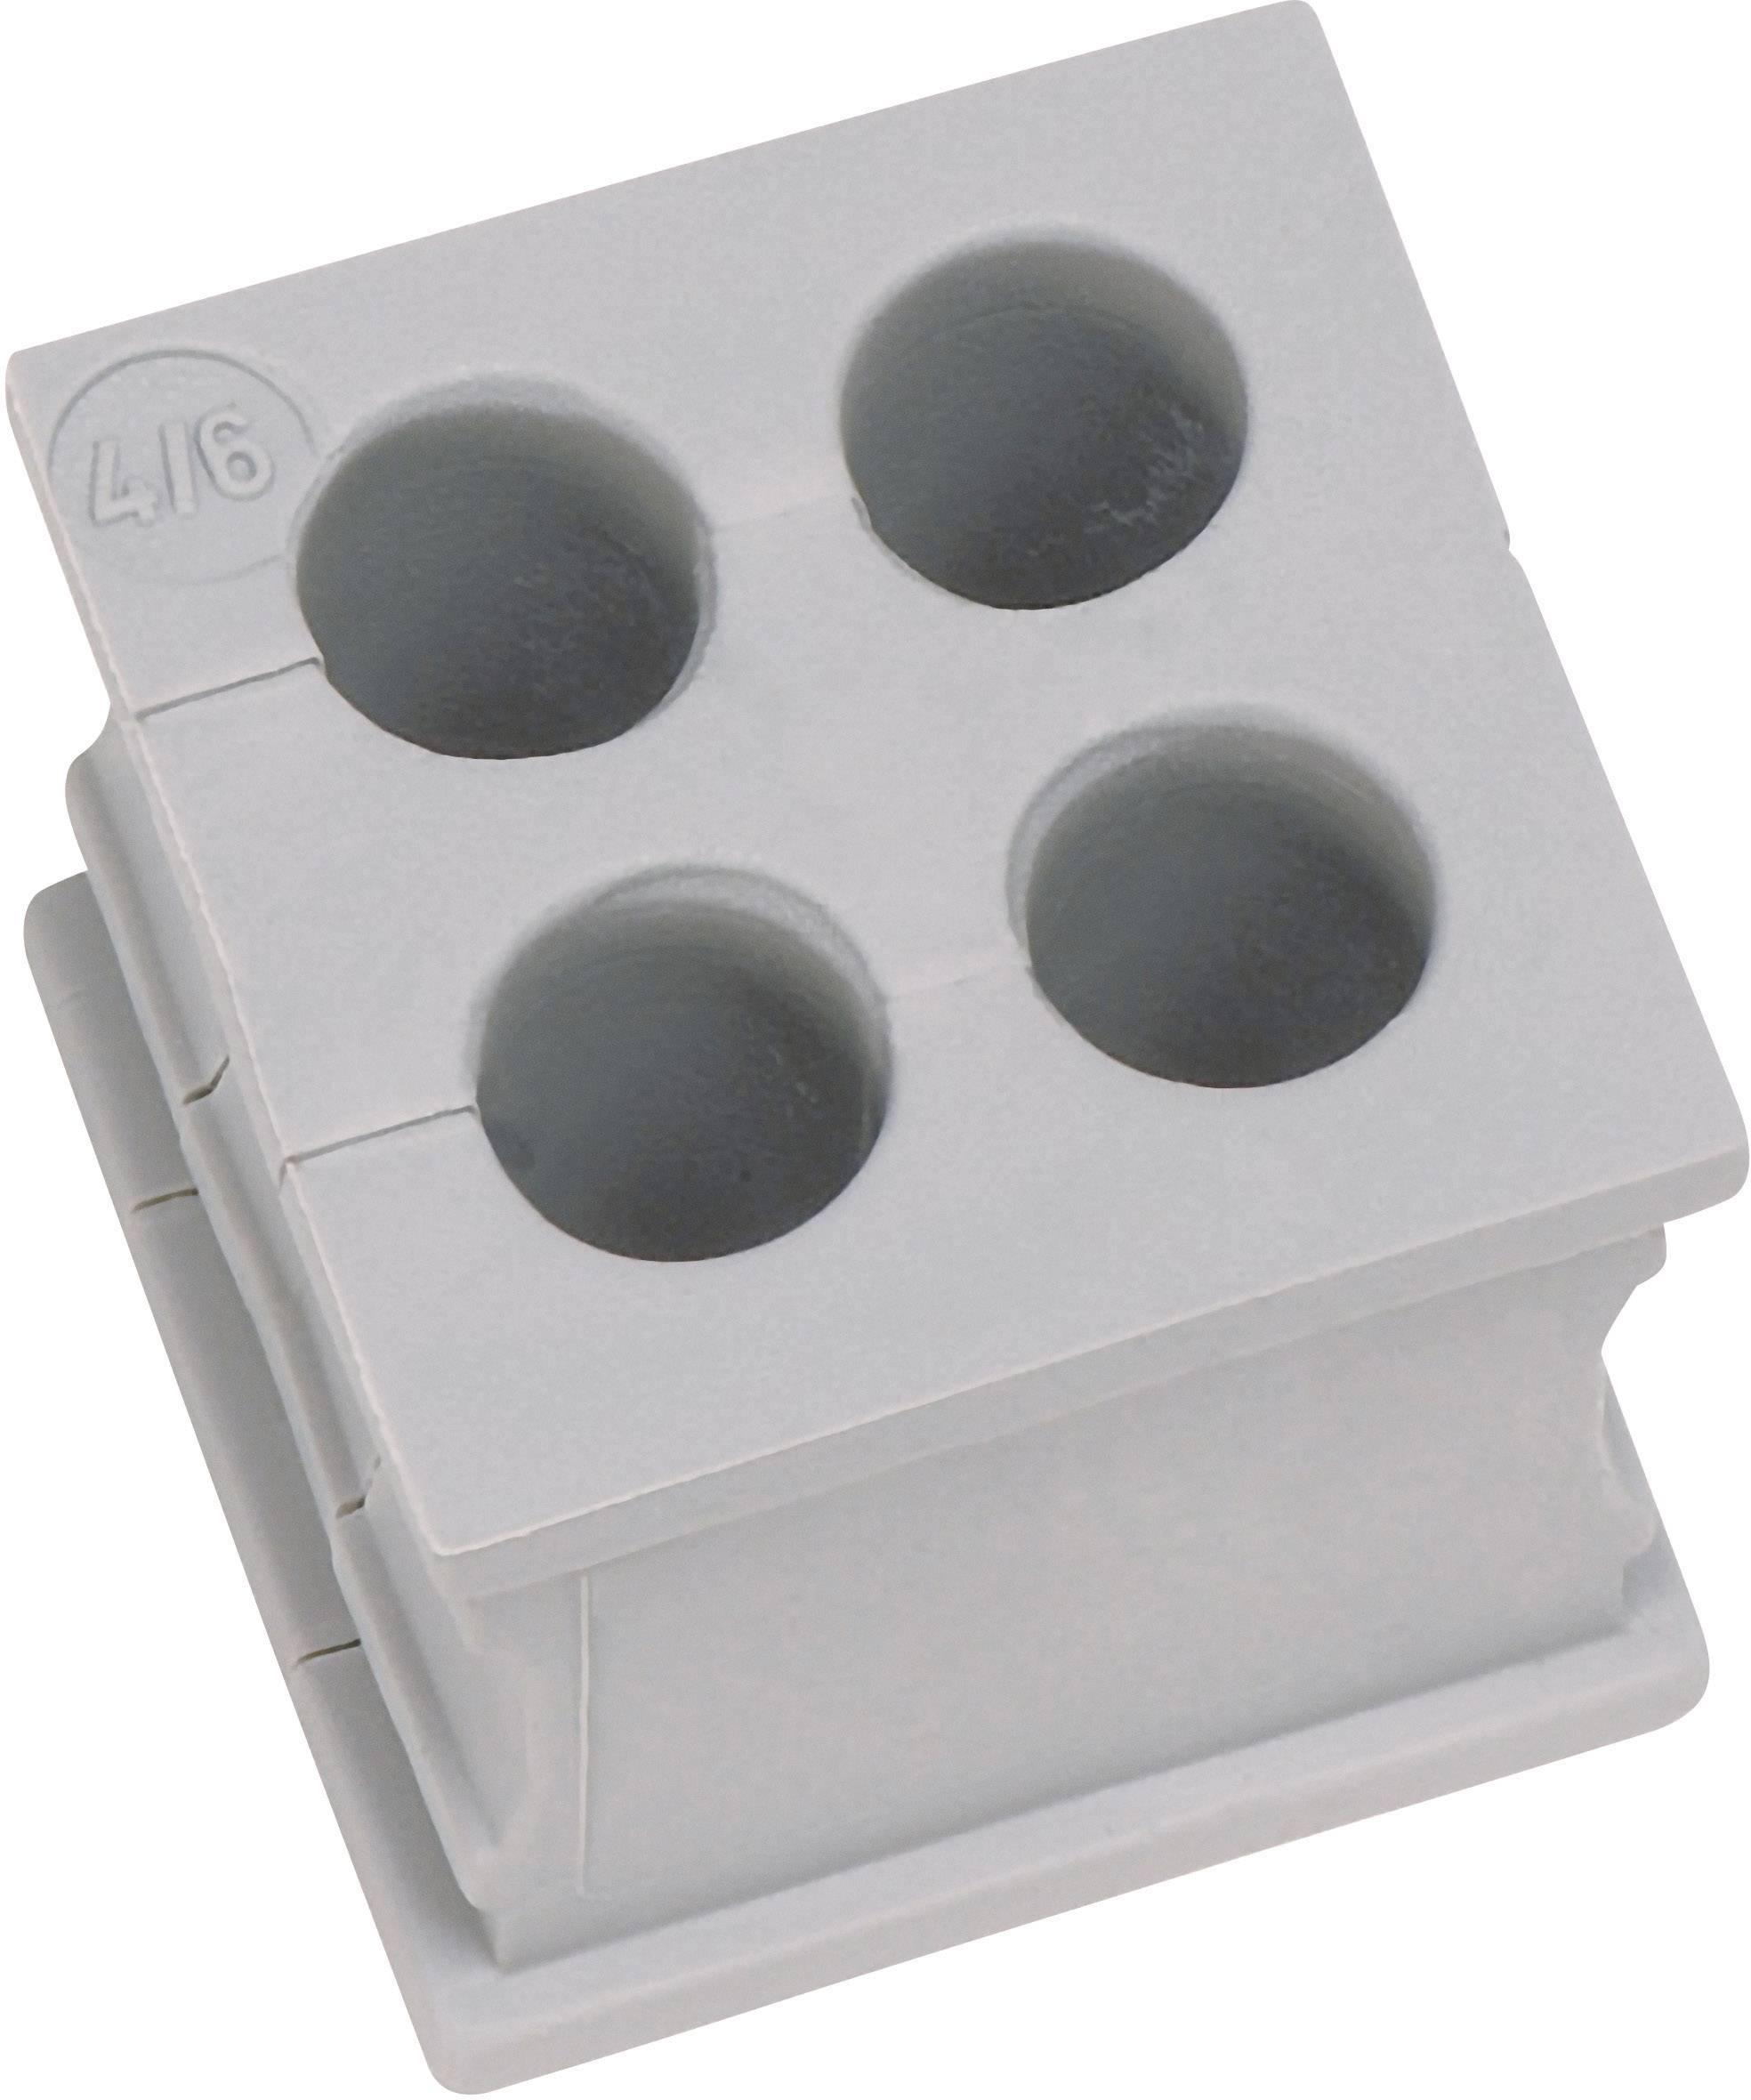 Icotek Kabelska kapa KT majhna, KT 4/3 za kabel- 4 x 3 mm, elastomer, siva